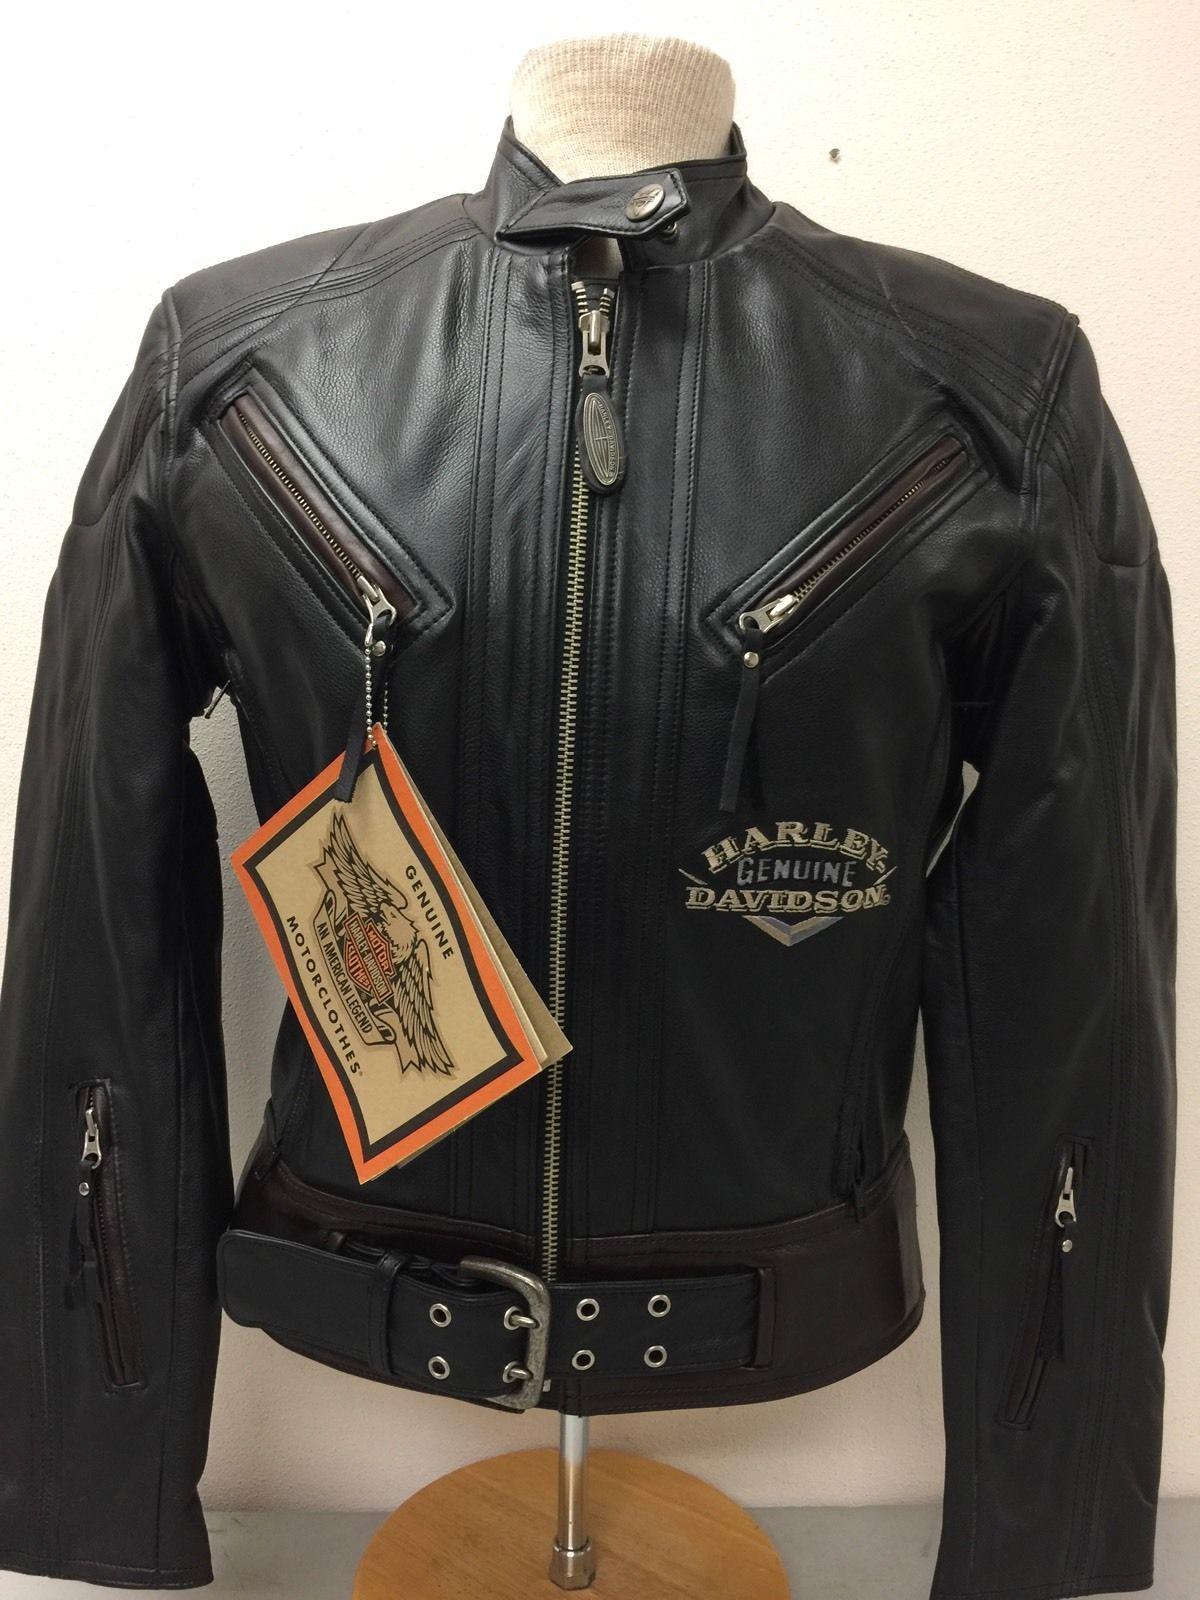 """Harley-Davidson Women's NWTs """"dyna"""" leather jacket black w/ brown 98123-94VW S https://t.co/3iGFvzNbbE https://t.co/LgIiXFbSMc"""